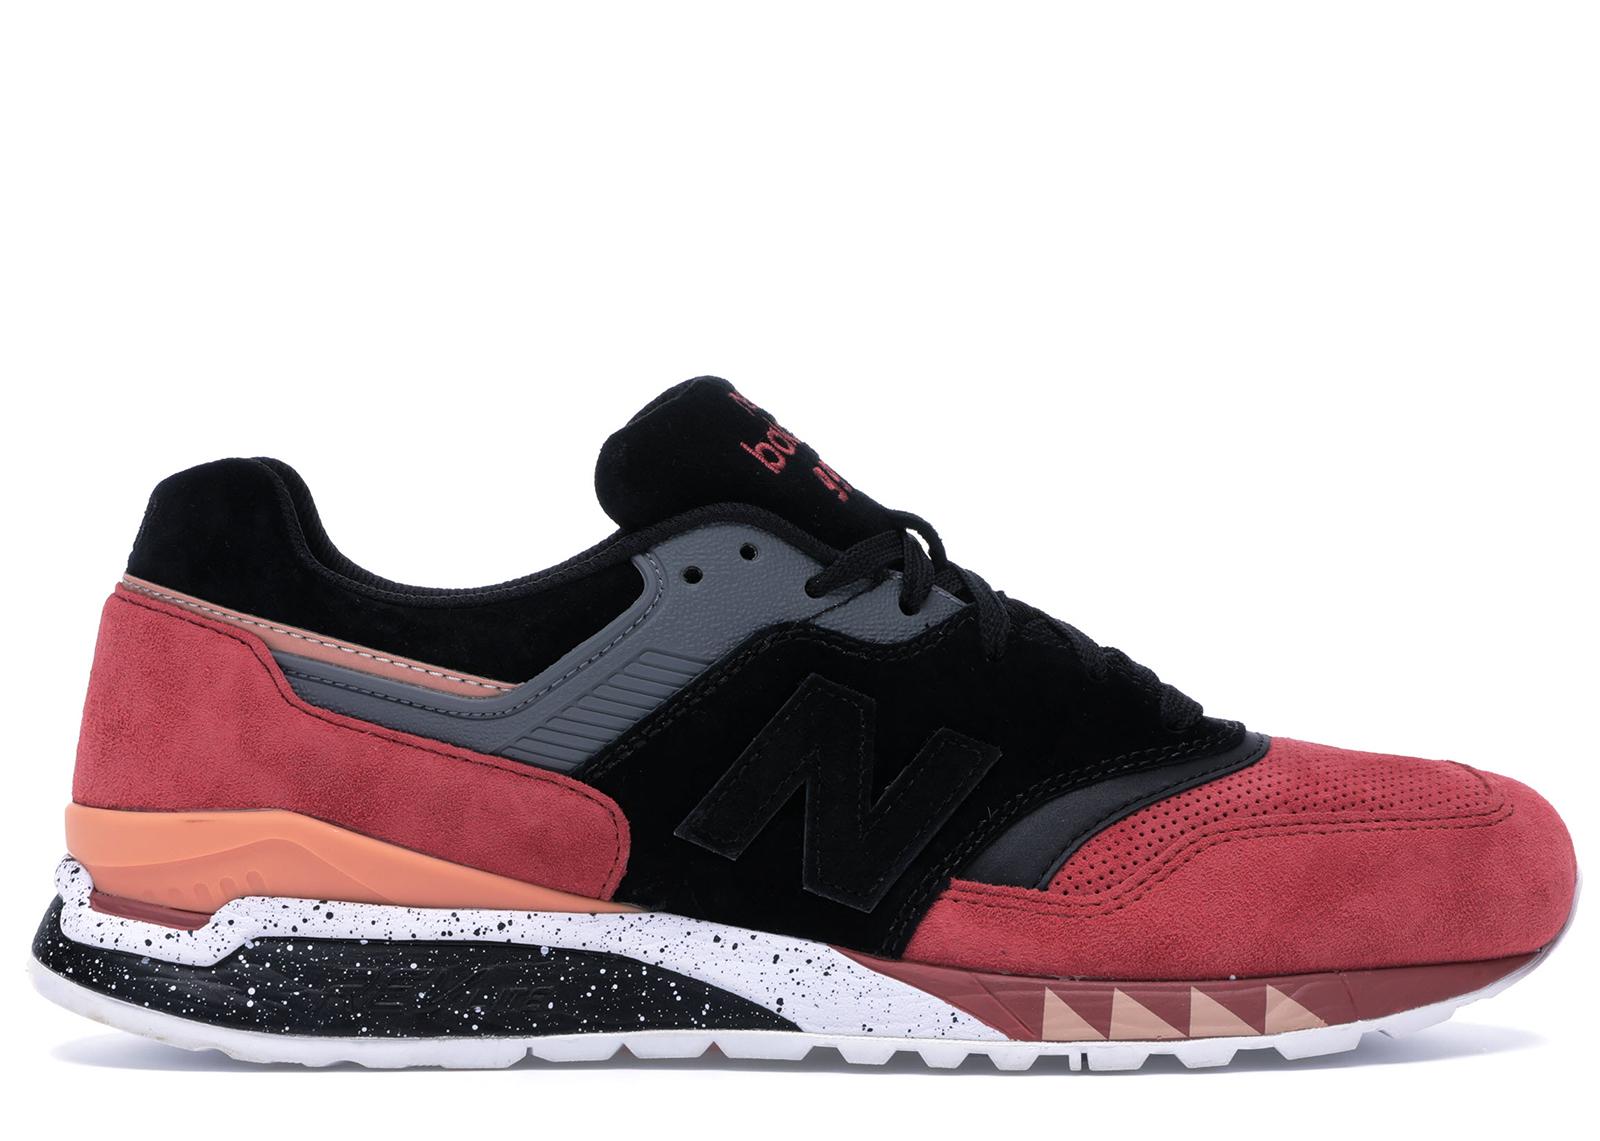 new balance 997.5 sneaker freaker tassie tiger